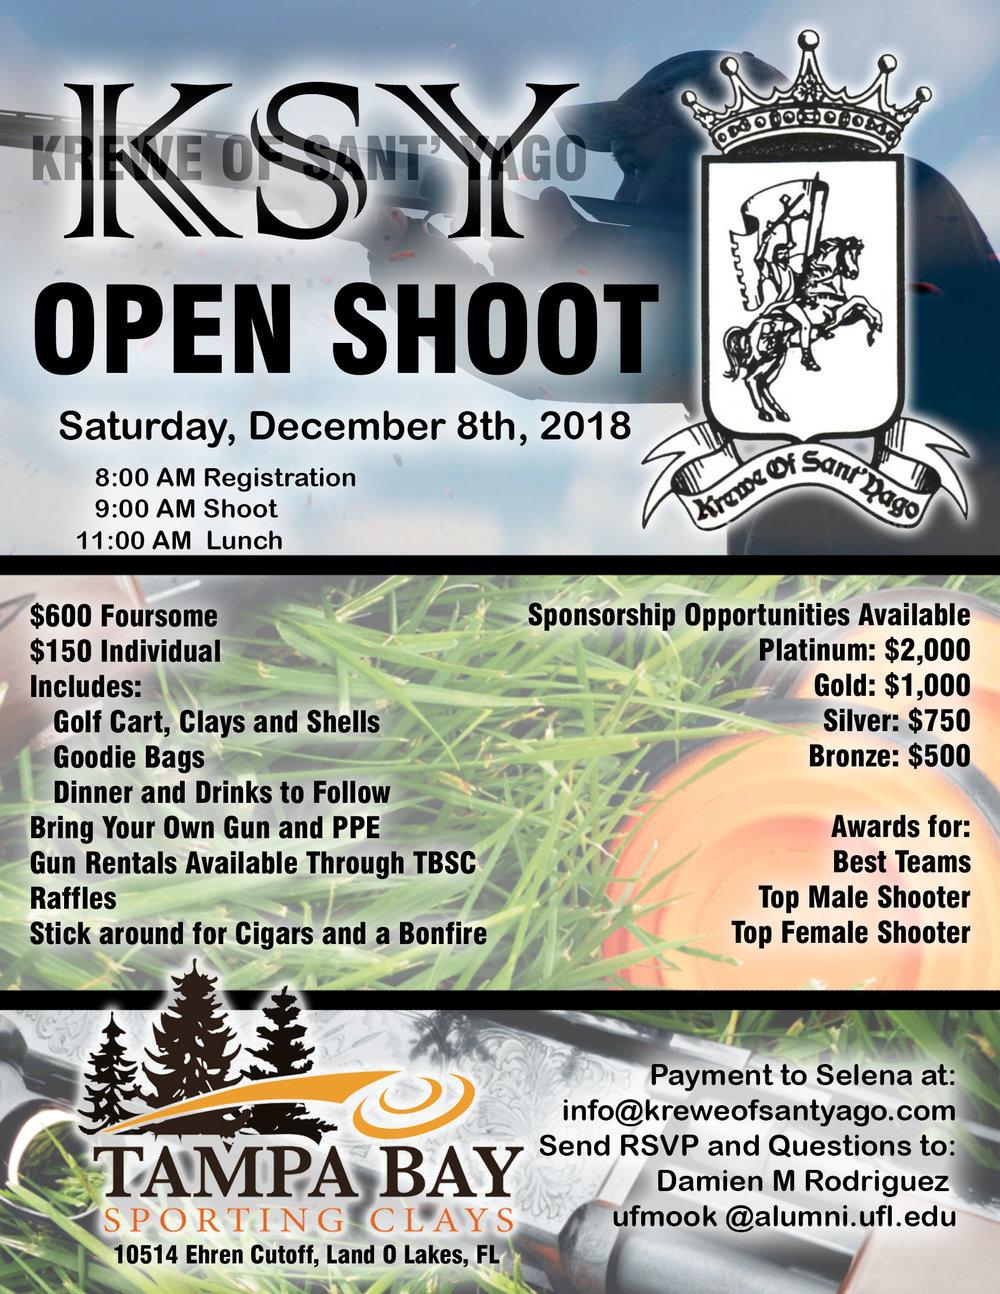 2018 KSY OPEN SHOOT Flyer.jpg